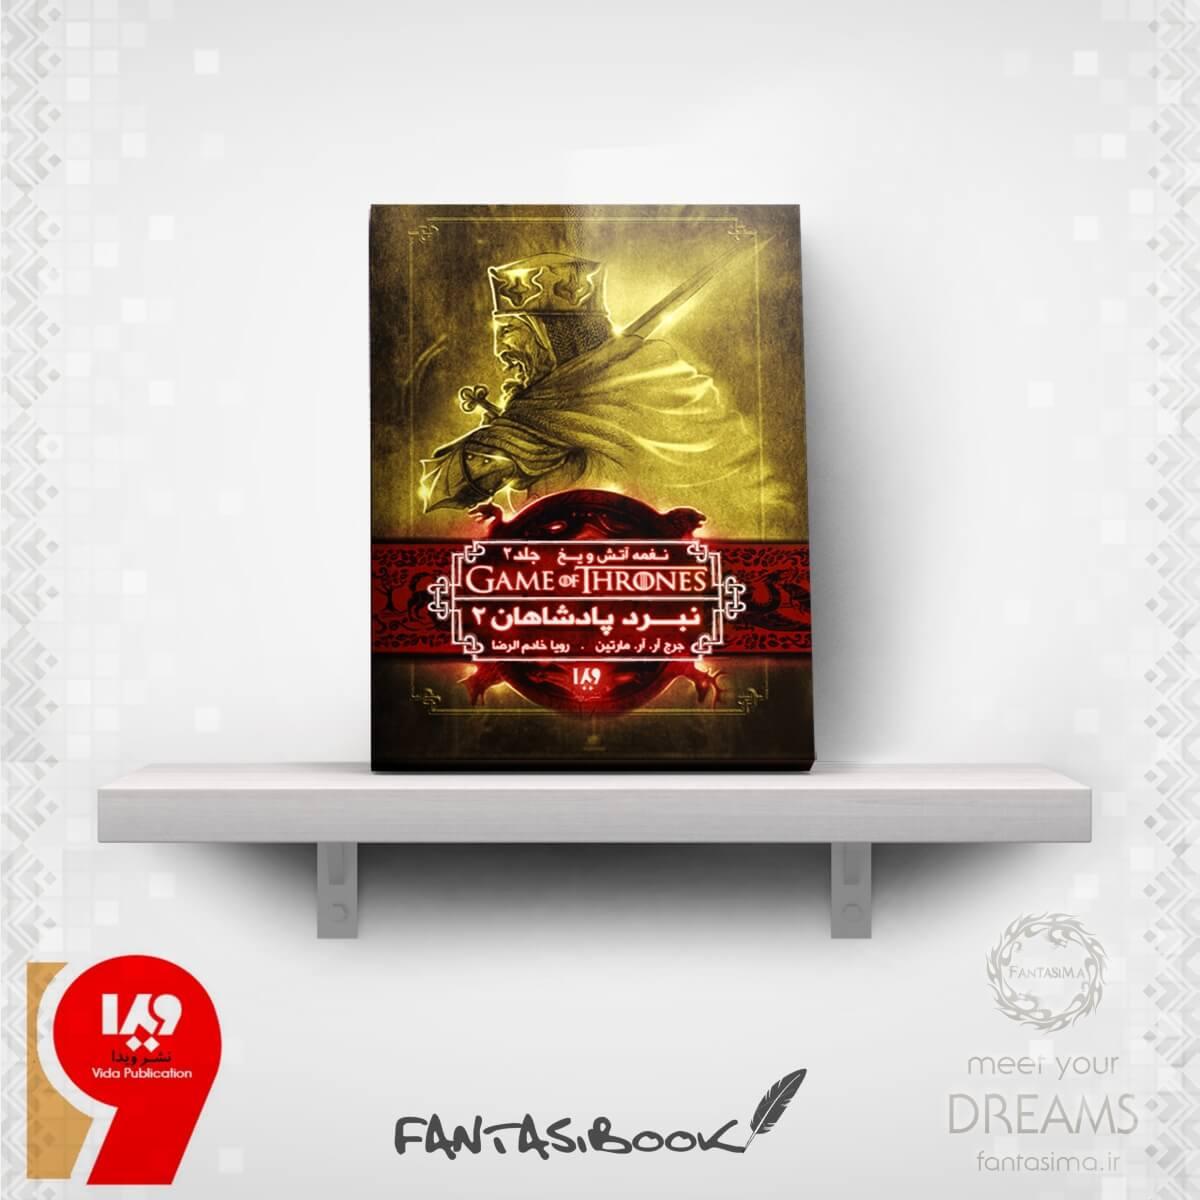 کتاب نغمه آتش و یخ - جلد 05 - نبرد پادشاهان 2